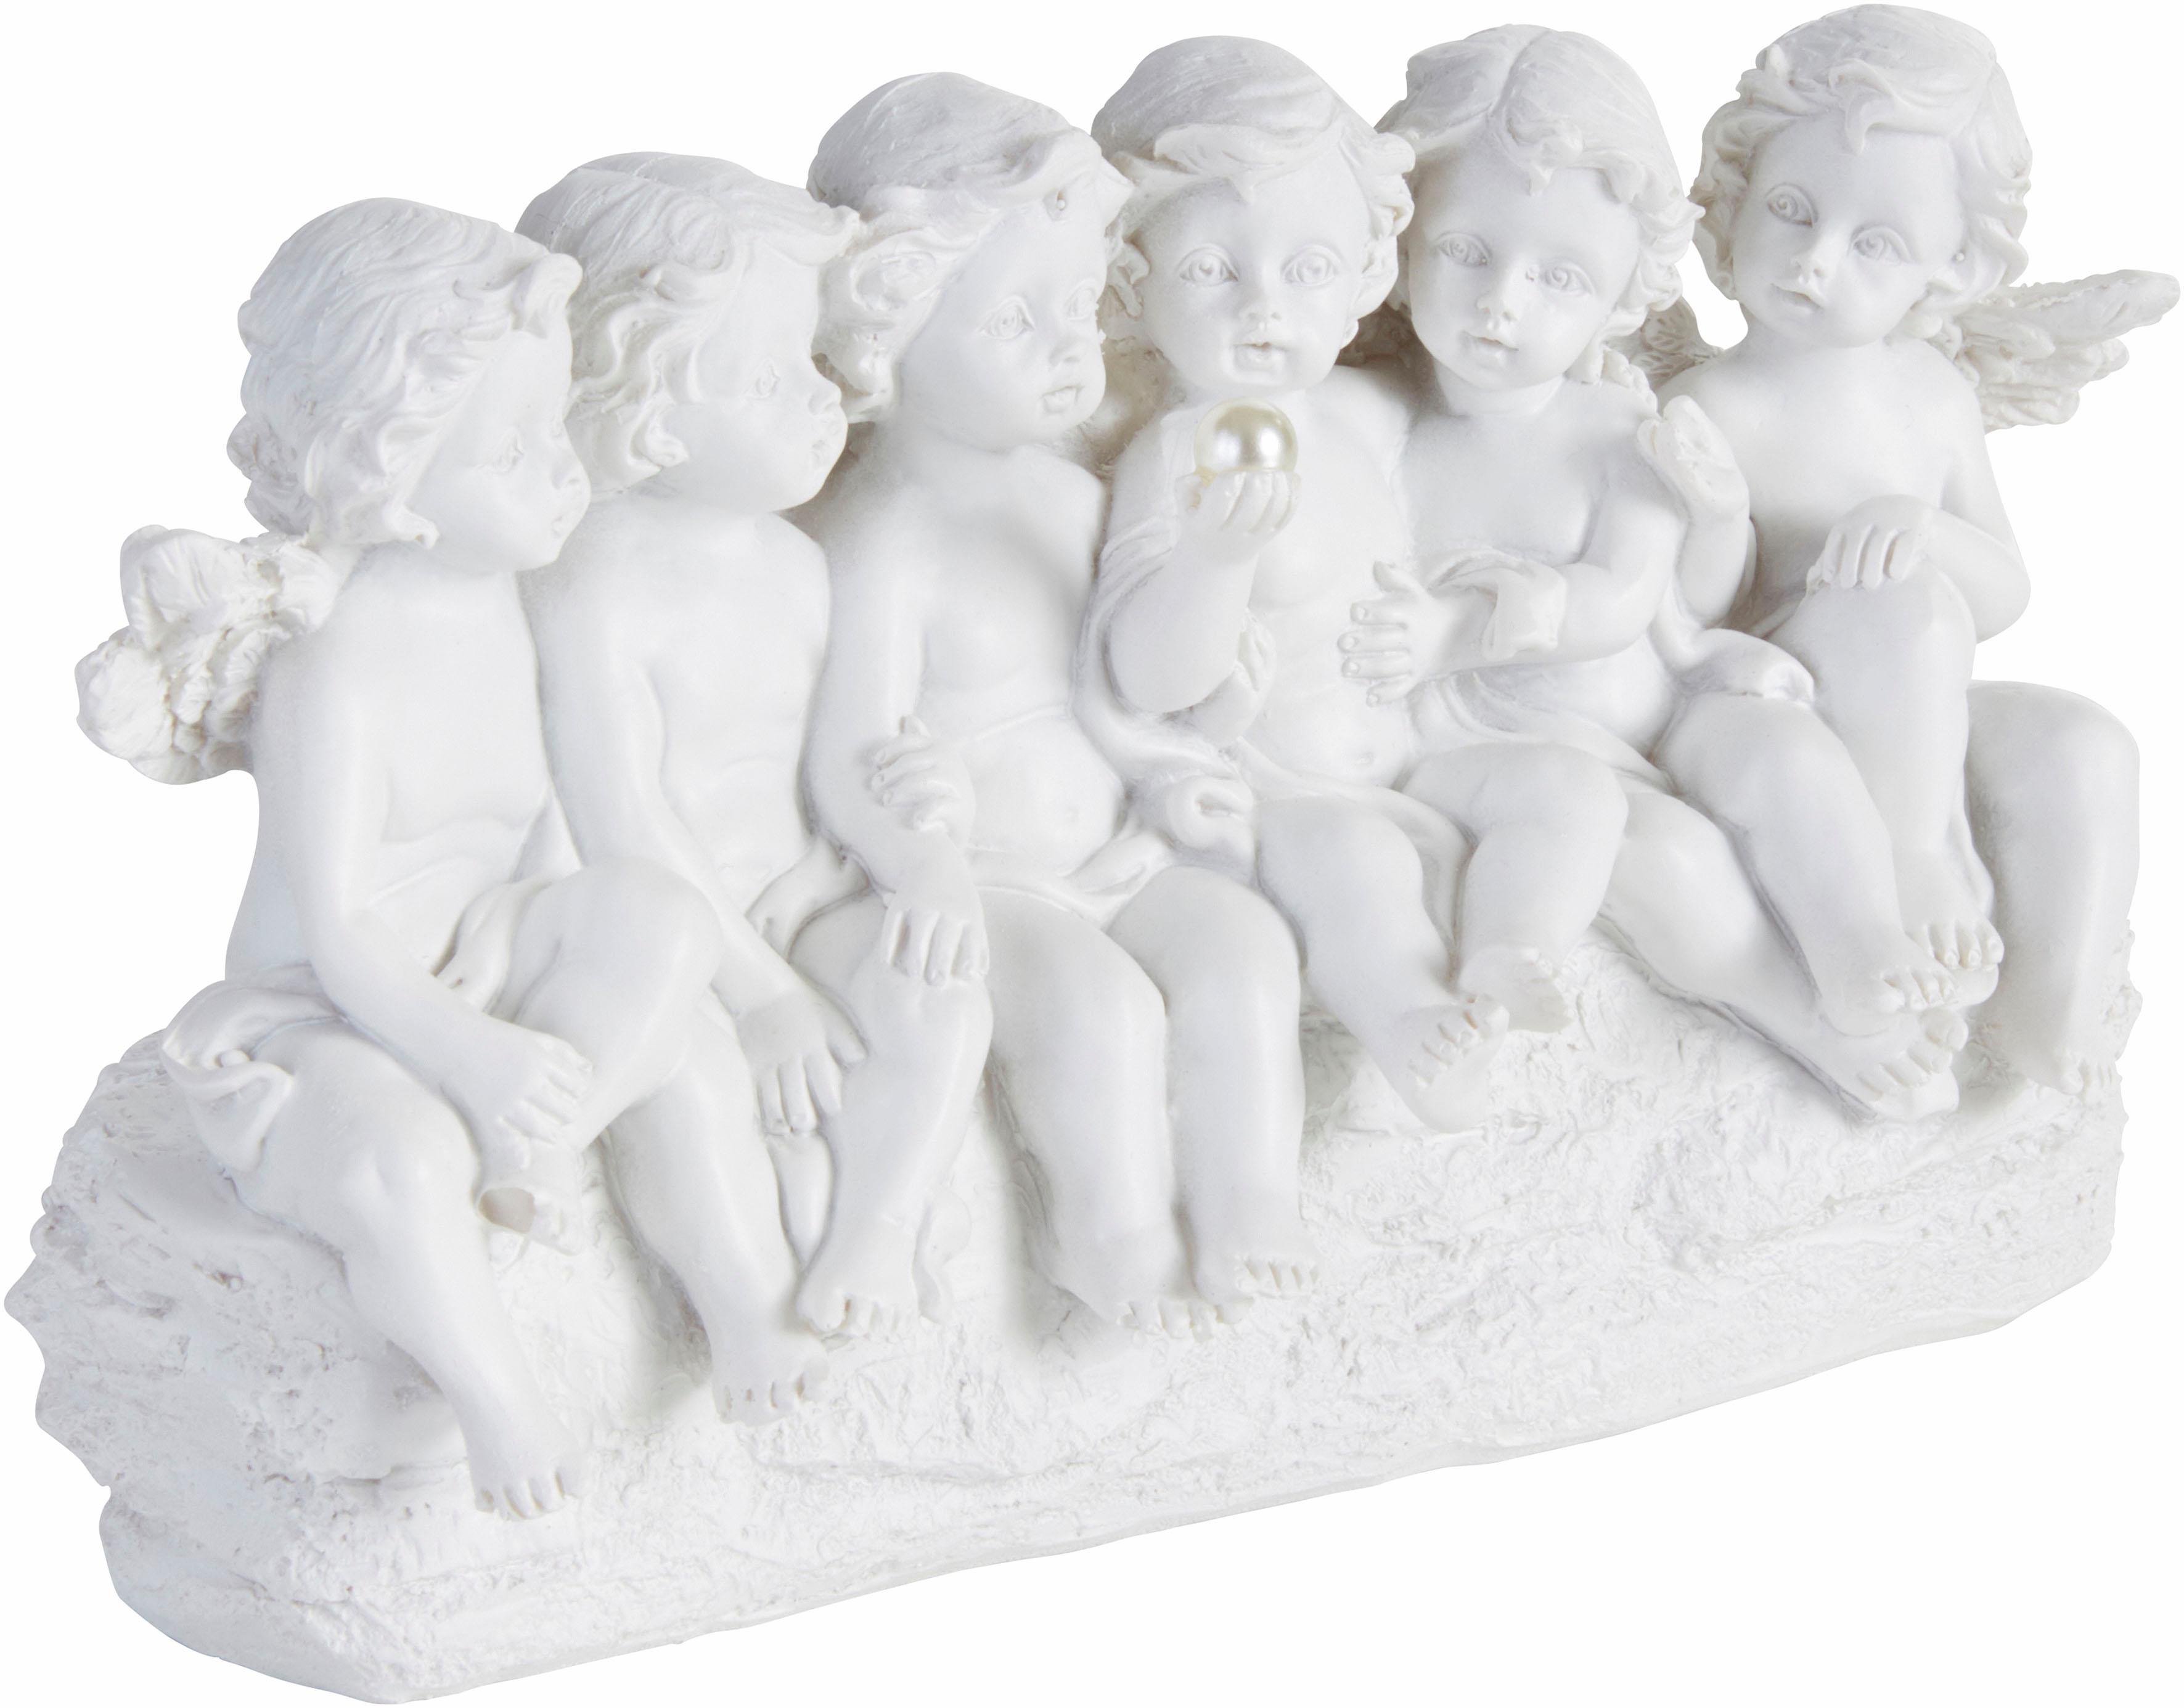 pajoma Engelfigur Engel weiß Engelfiguren Figuren Skulpturen Wohnaccessoires